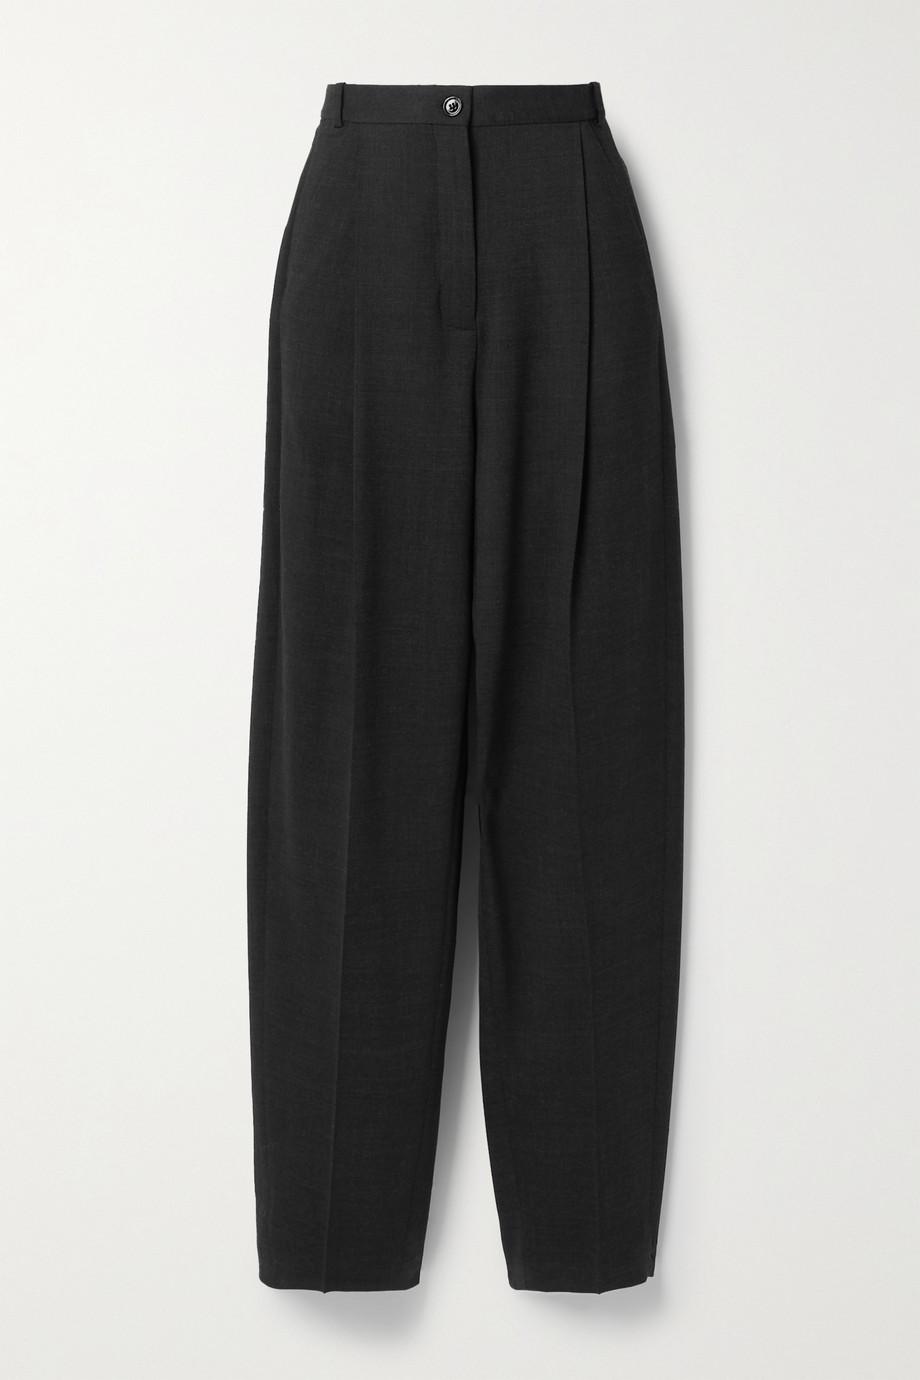 Acne Studios Hose mit geradem Bein aus einer Wollmischung mit Falten